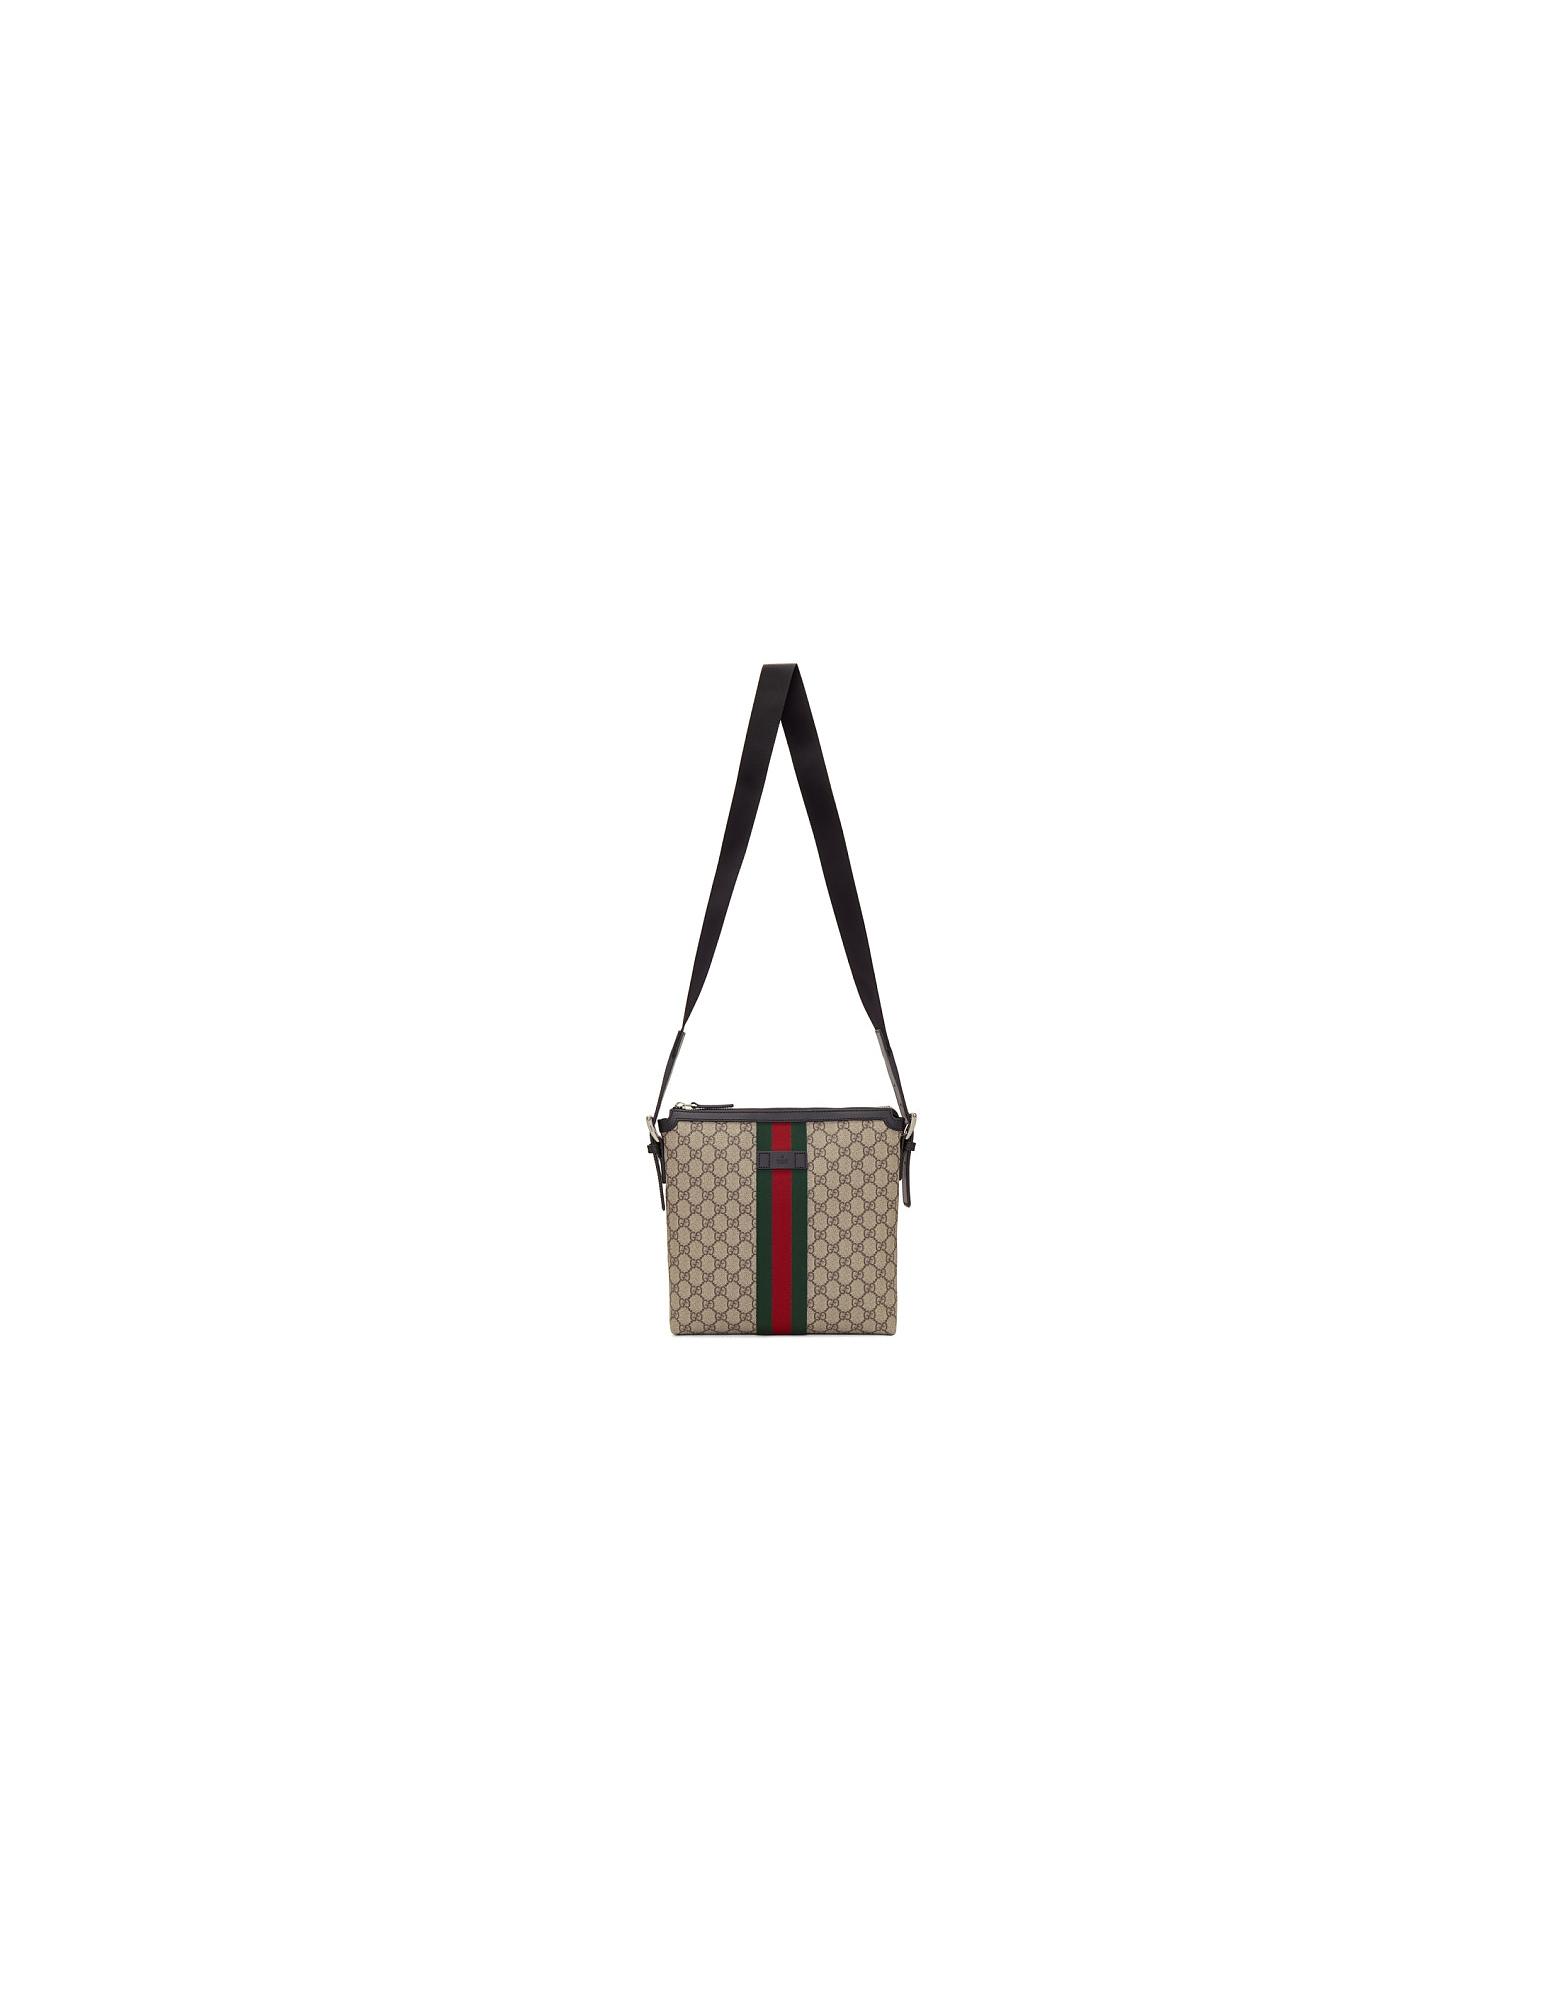 Gucci Designer Men's Bags, Beige GG Supreme Messenger Bag